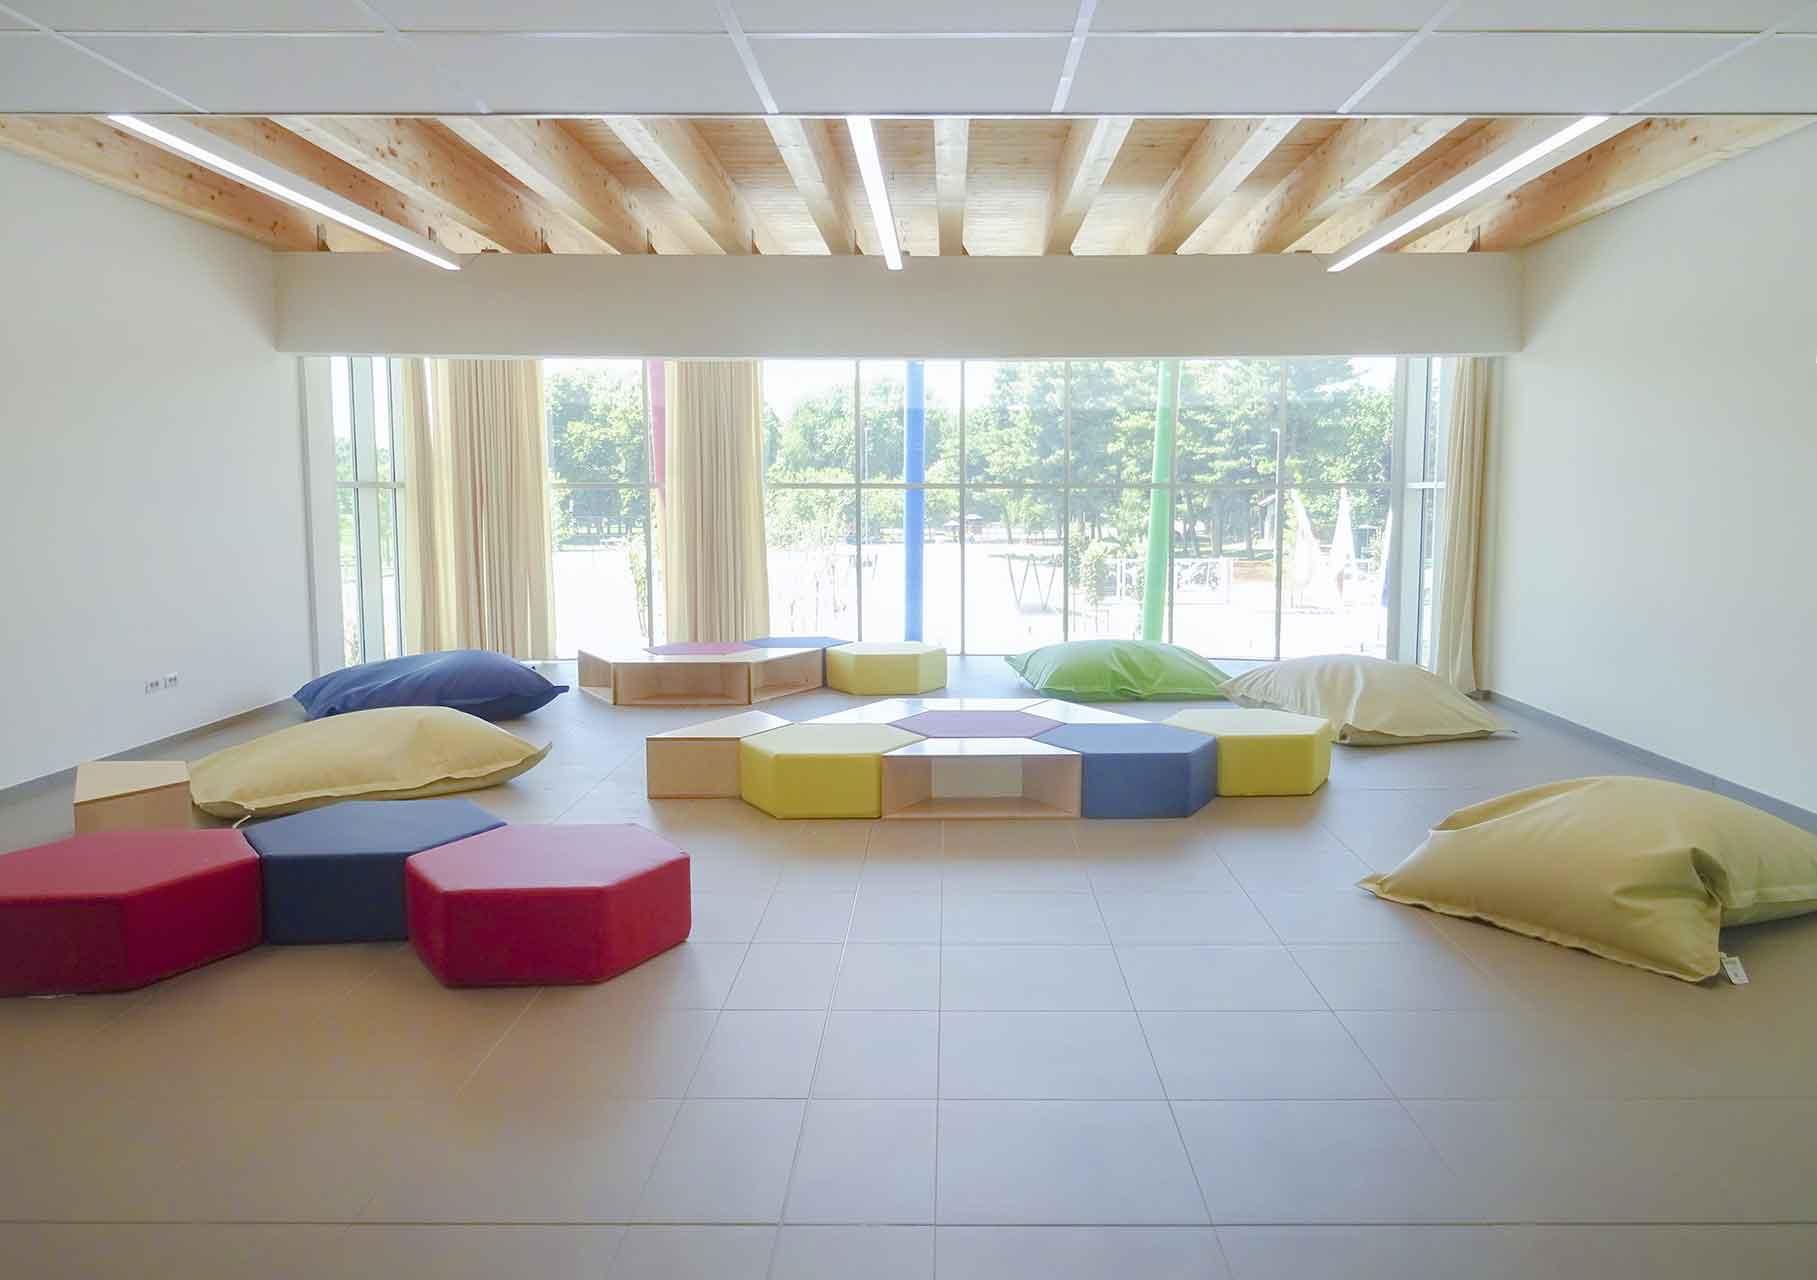 Scuola elementare Viscontini interni